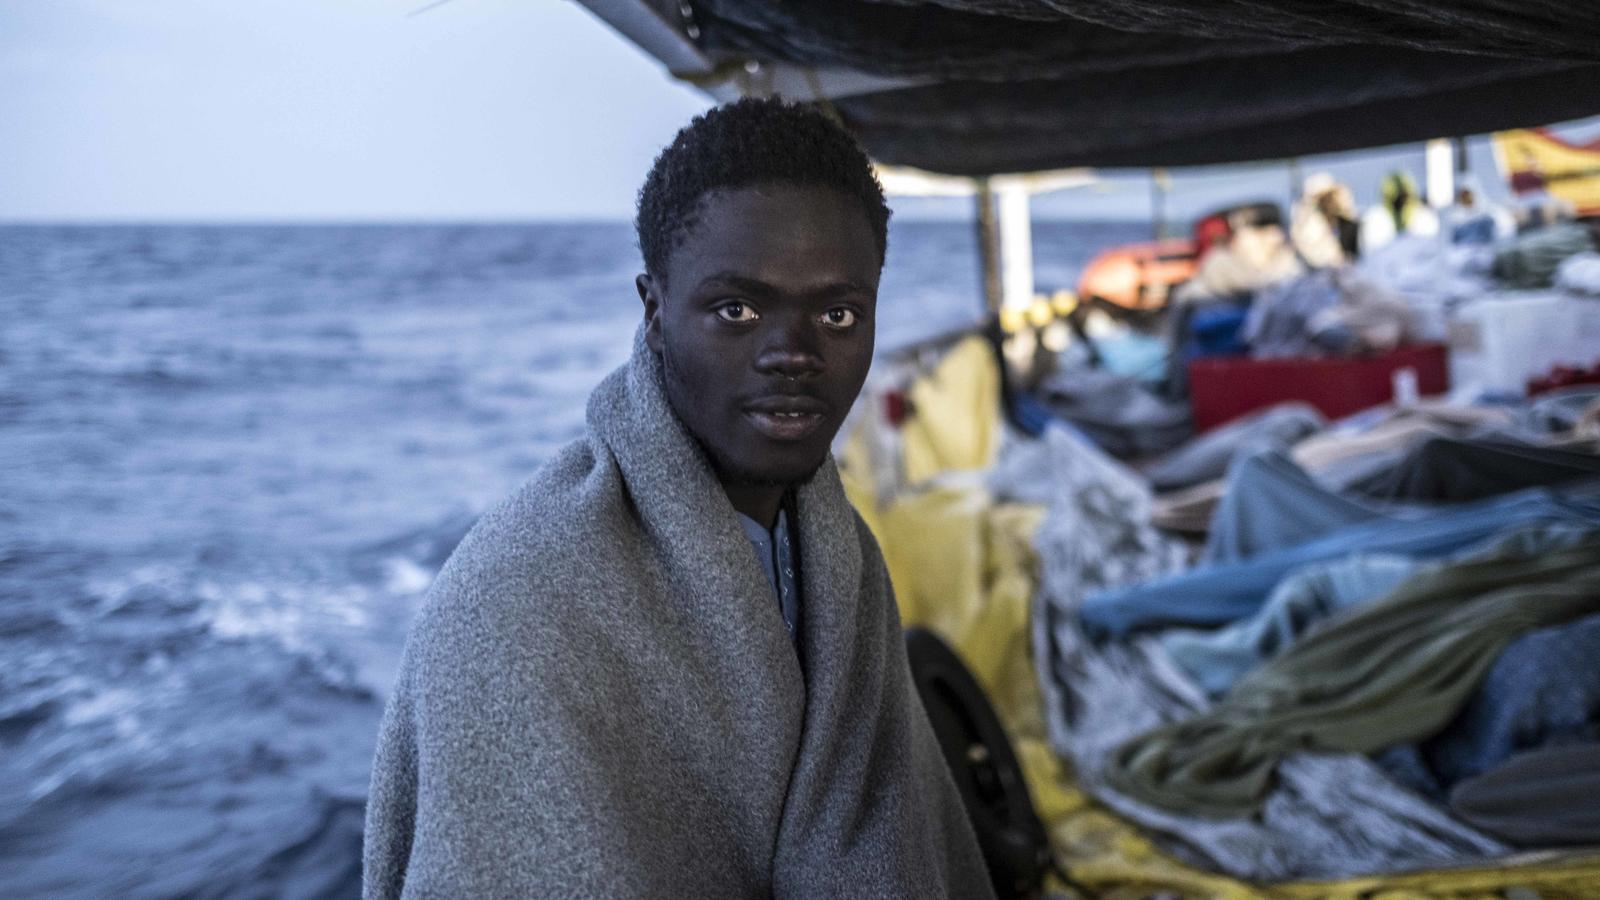 Sekou Sherif, estudiant liberià rescatat el 15 de març, a bord de l'Open Arms. XAVIER BERTRAL